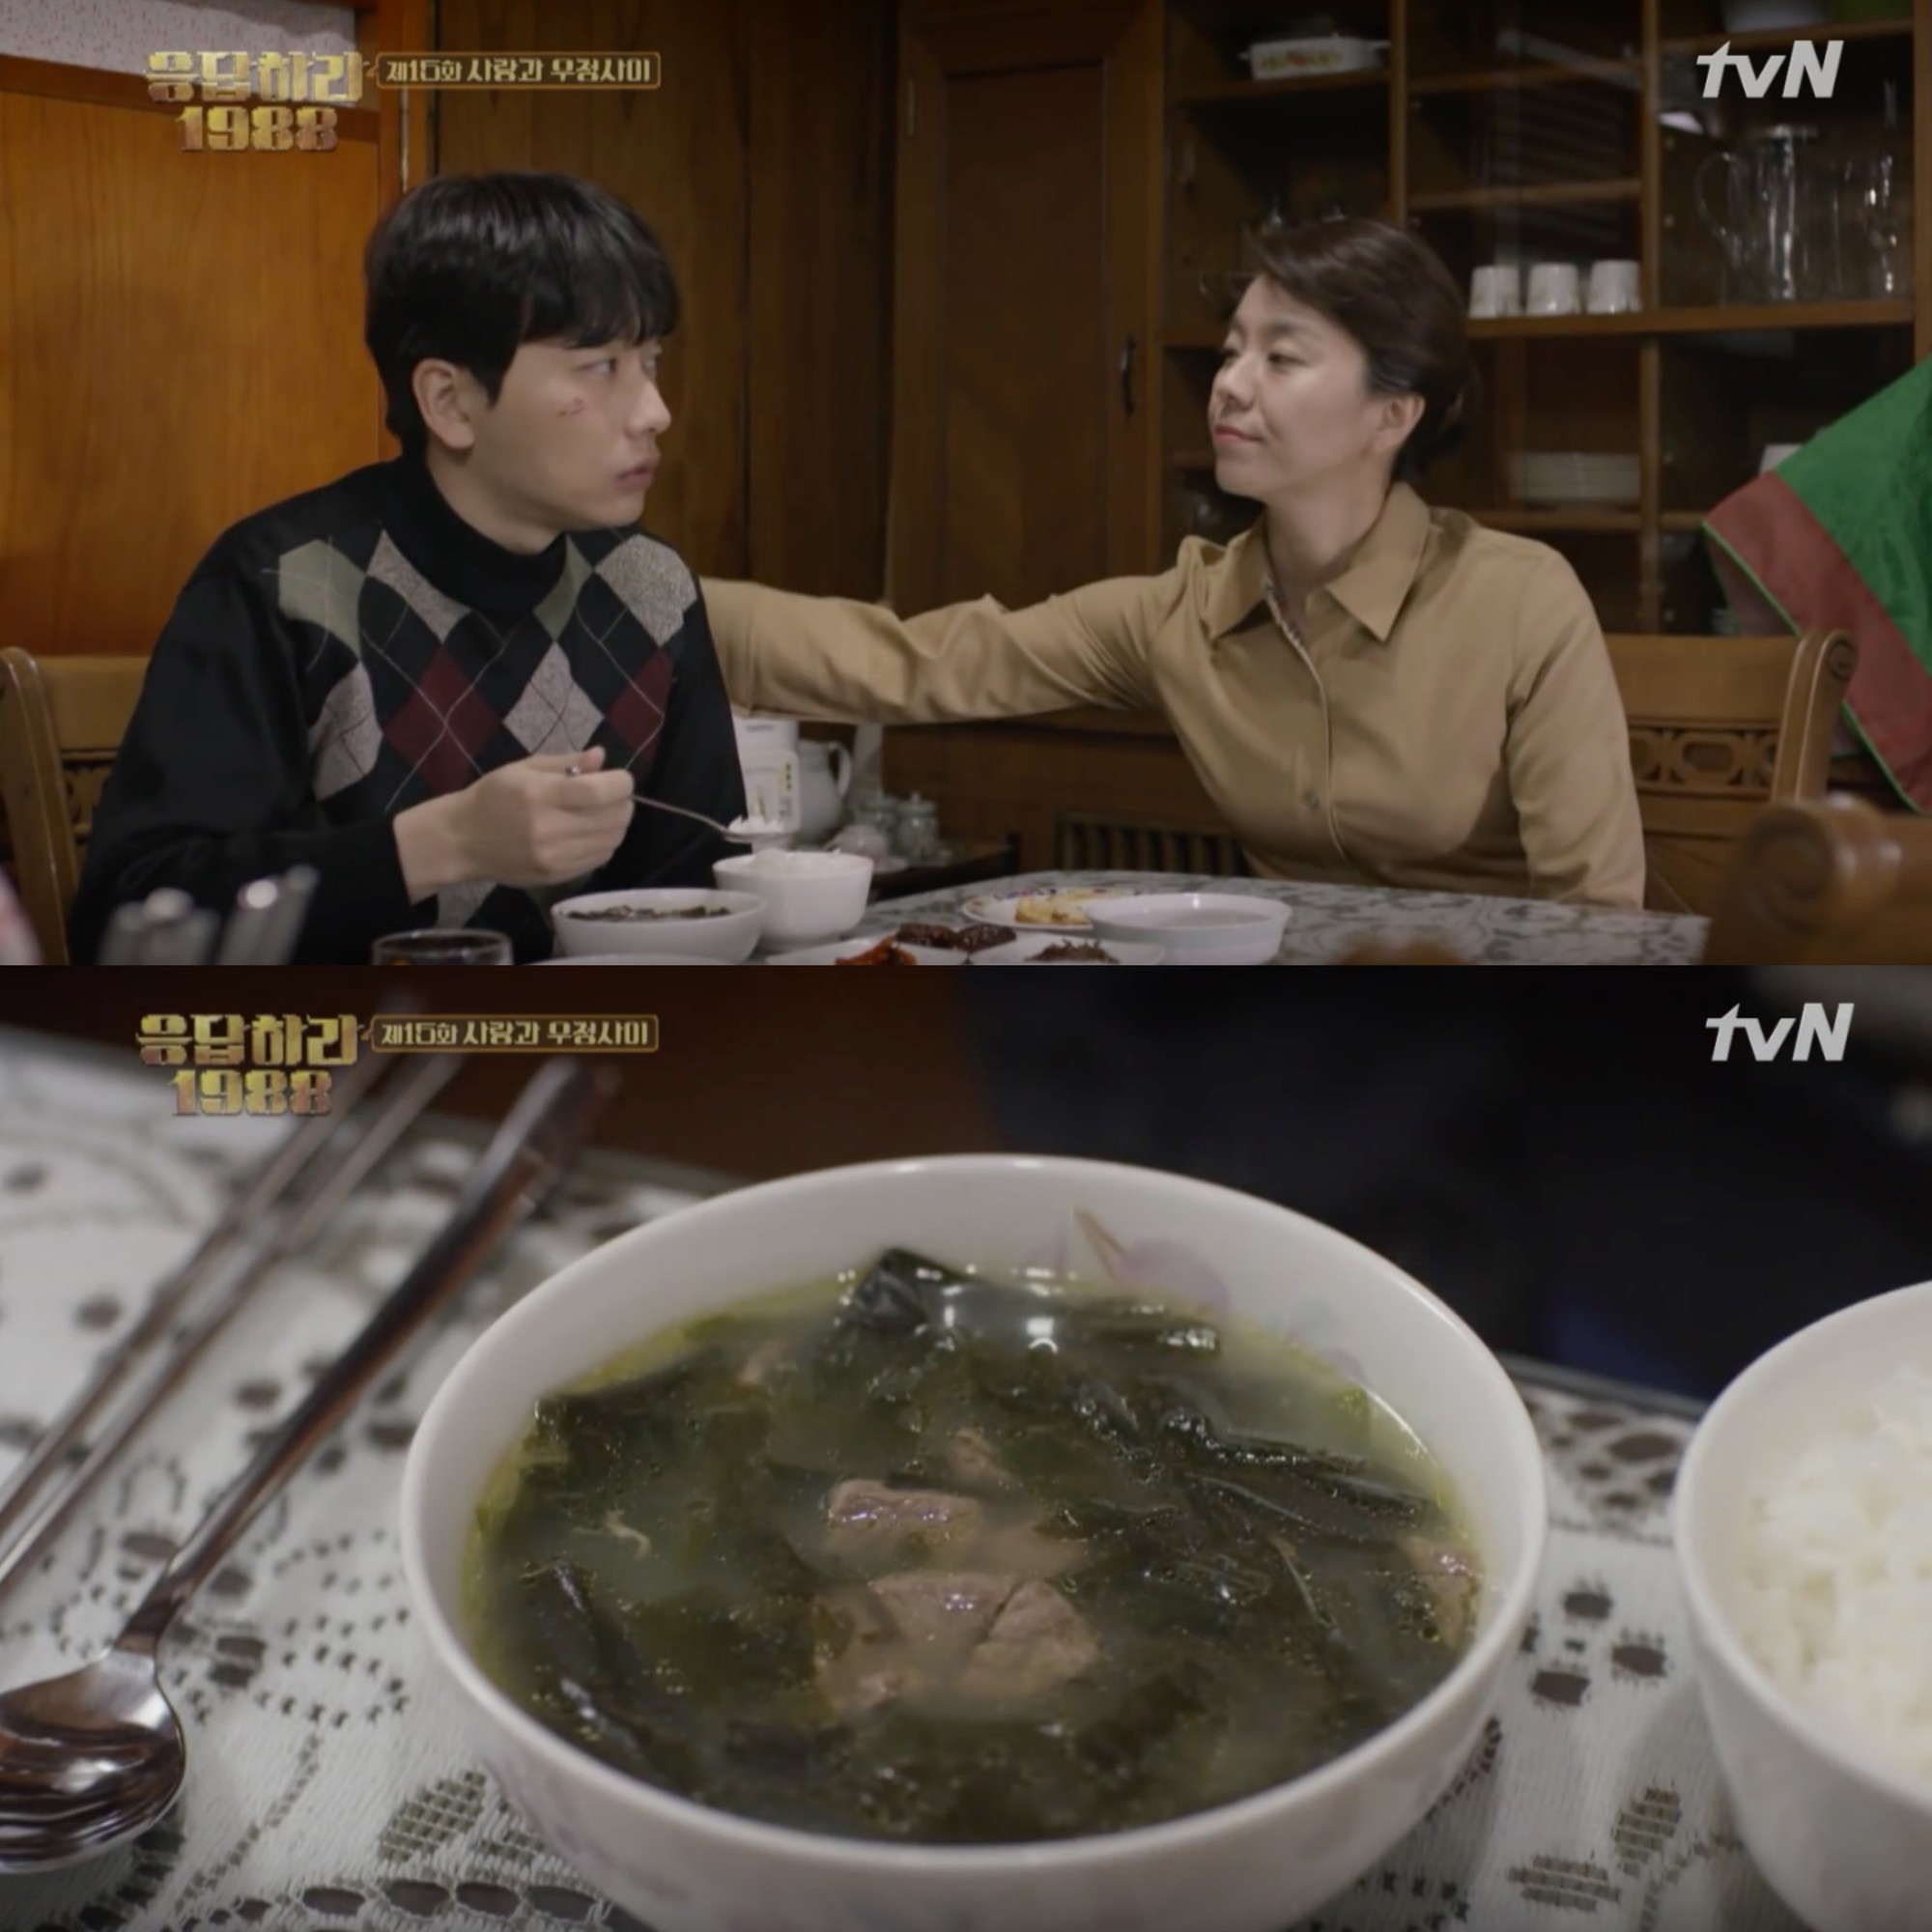 Vì sao người Hàn lại ăn canh rong biển trong dịp sinh nhật? - Ảnh